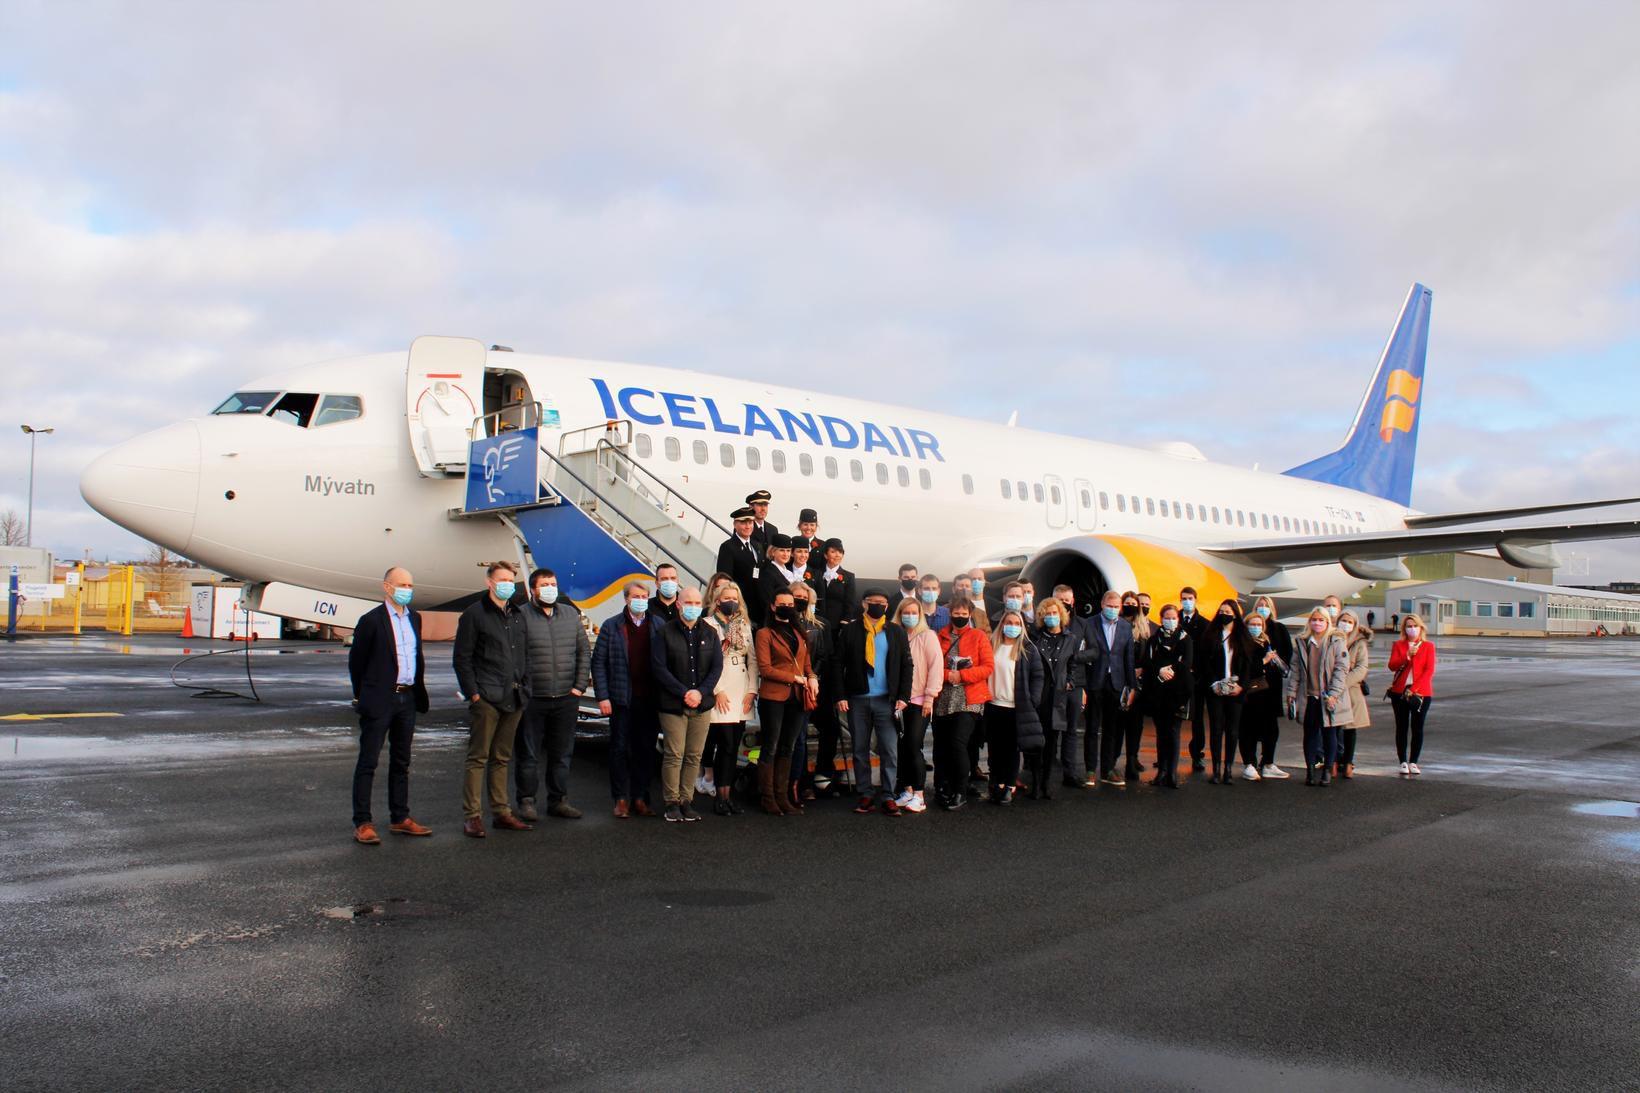 Farþegar í fluginu við vélina eftir lendingu á Reykjavíkurflugvelli í …